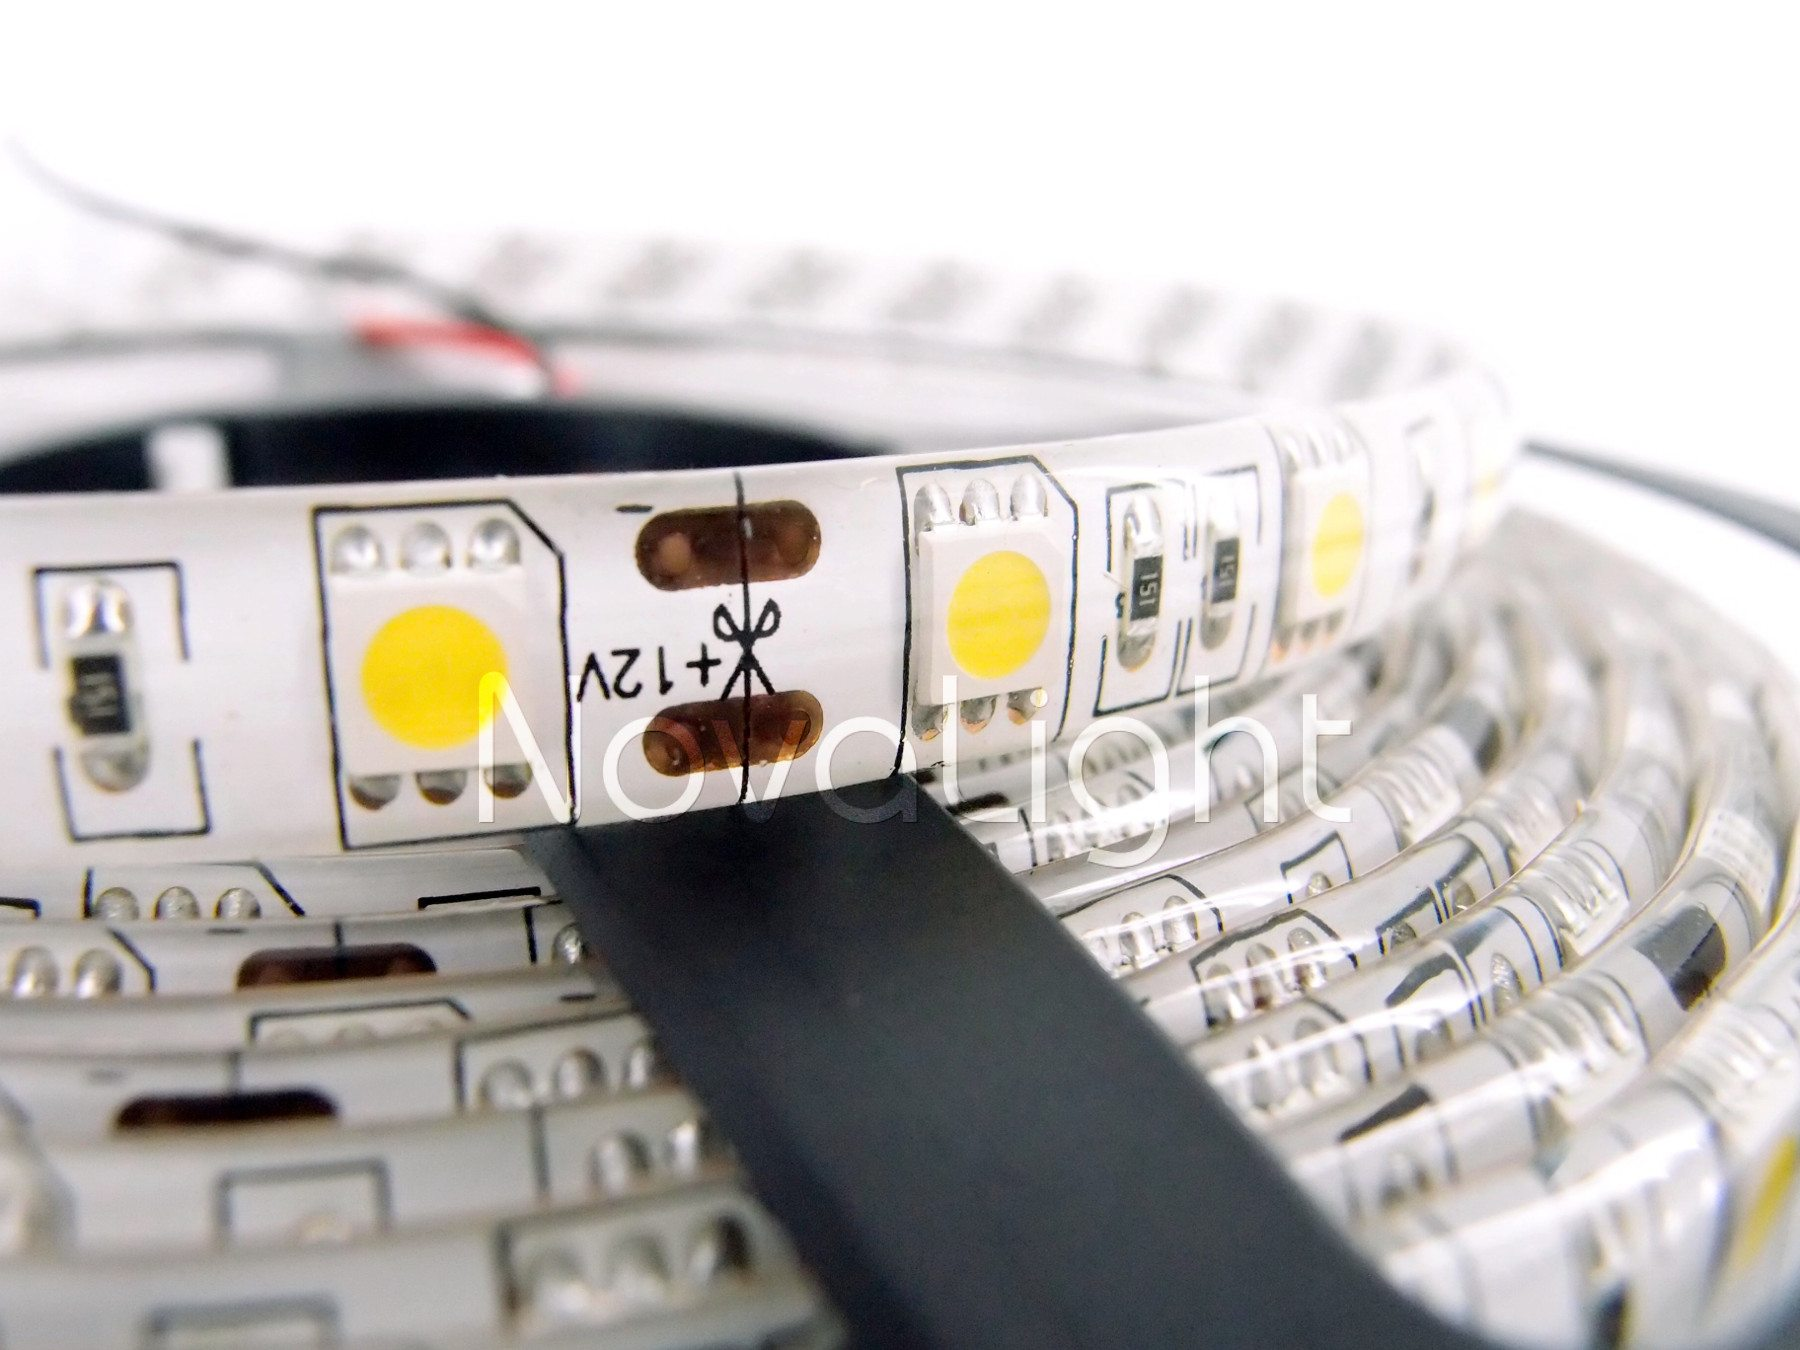 Detalle del chip 5050 monocromatico